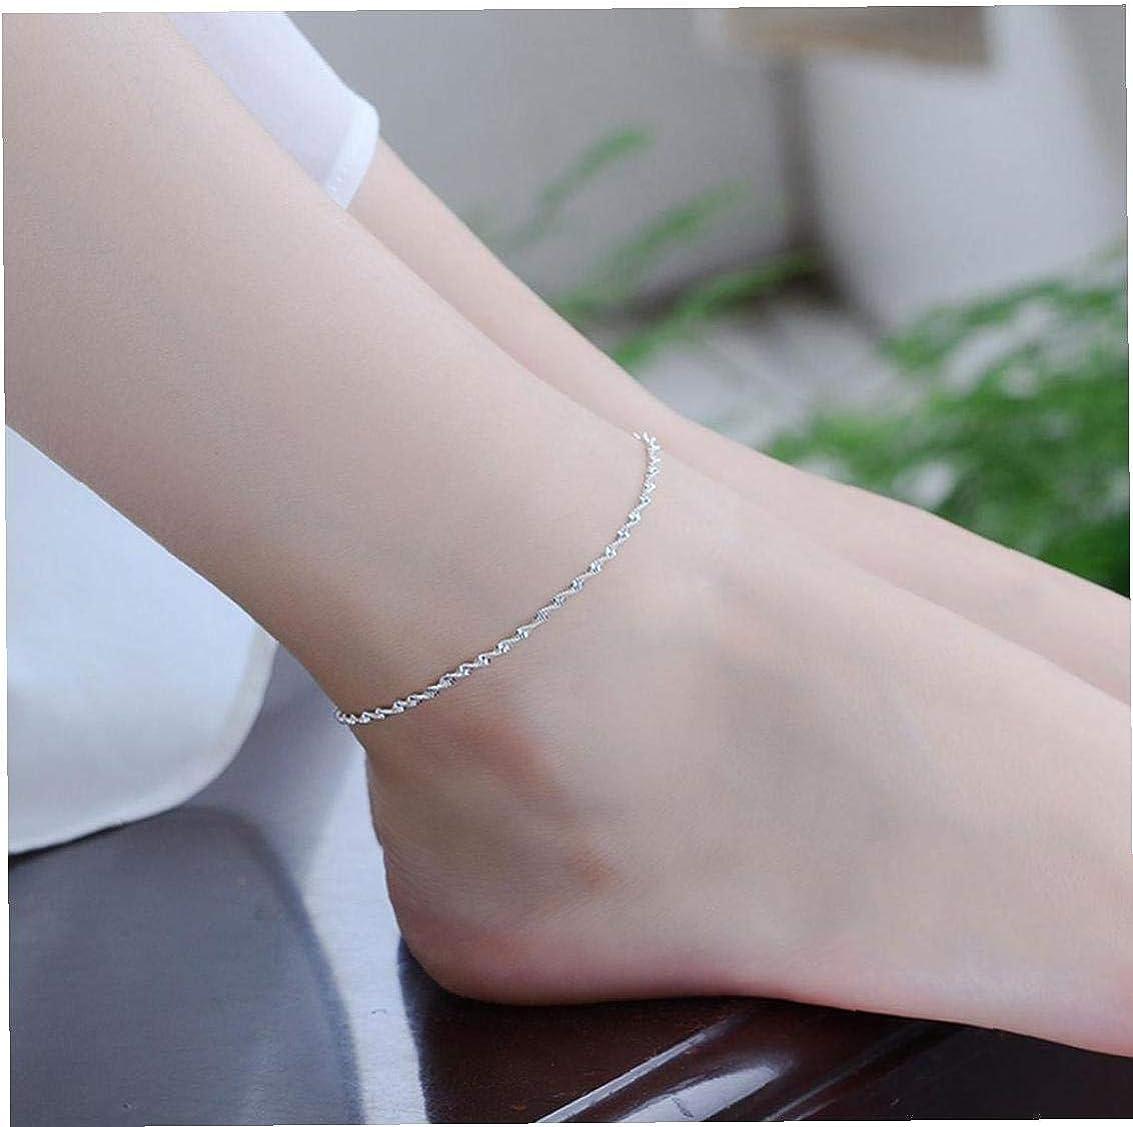 Zonfer Silver Wave Cha/îne de Cheville r/églable Bracelet Plage Pied Bijoux pour Femme